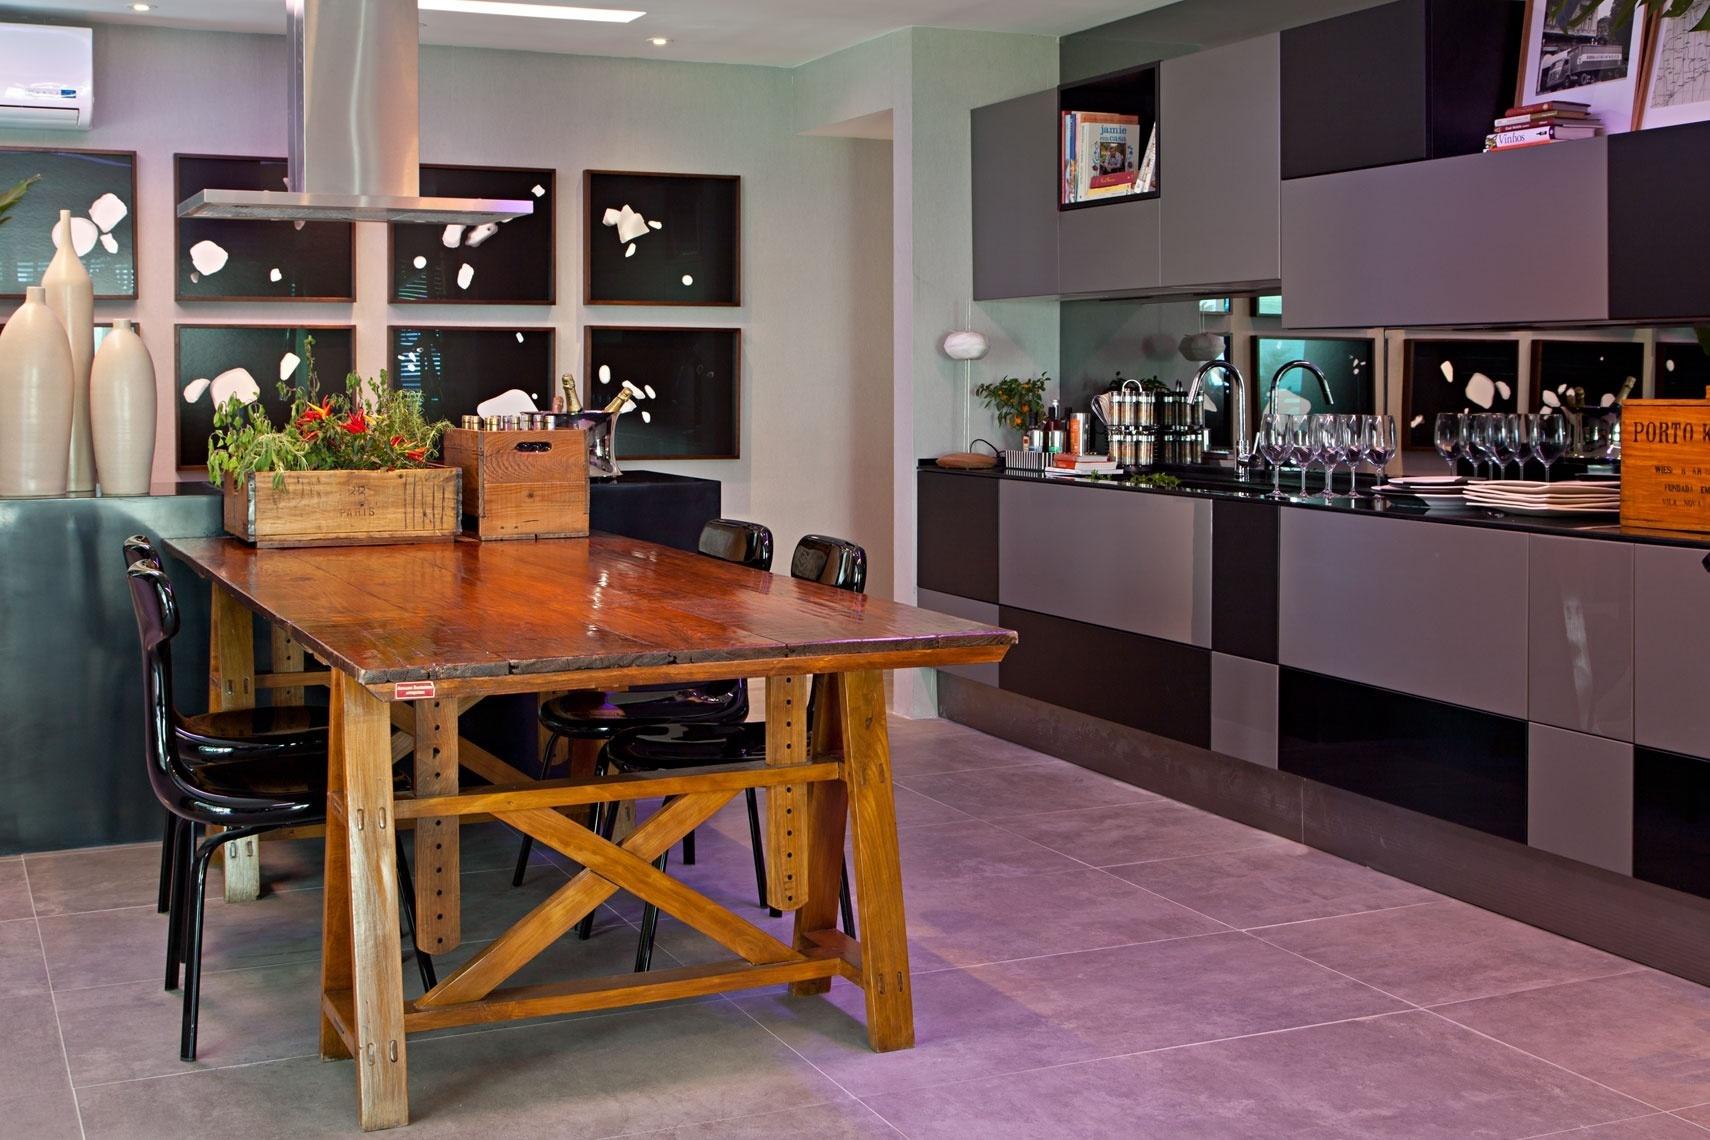 O Living do Jovem Empresário, criado por Erick Figueira de Mello, possui também uma área dedicada à cozinha. Nessa porção do ambiente, a conformação decorativa é mantida: base cinzenta e um elemento